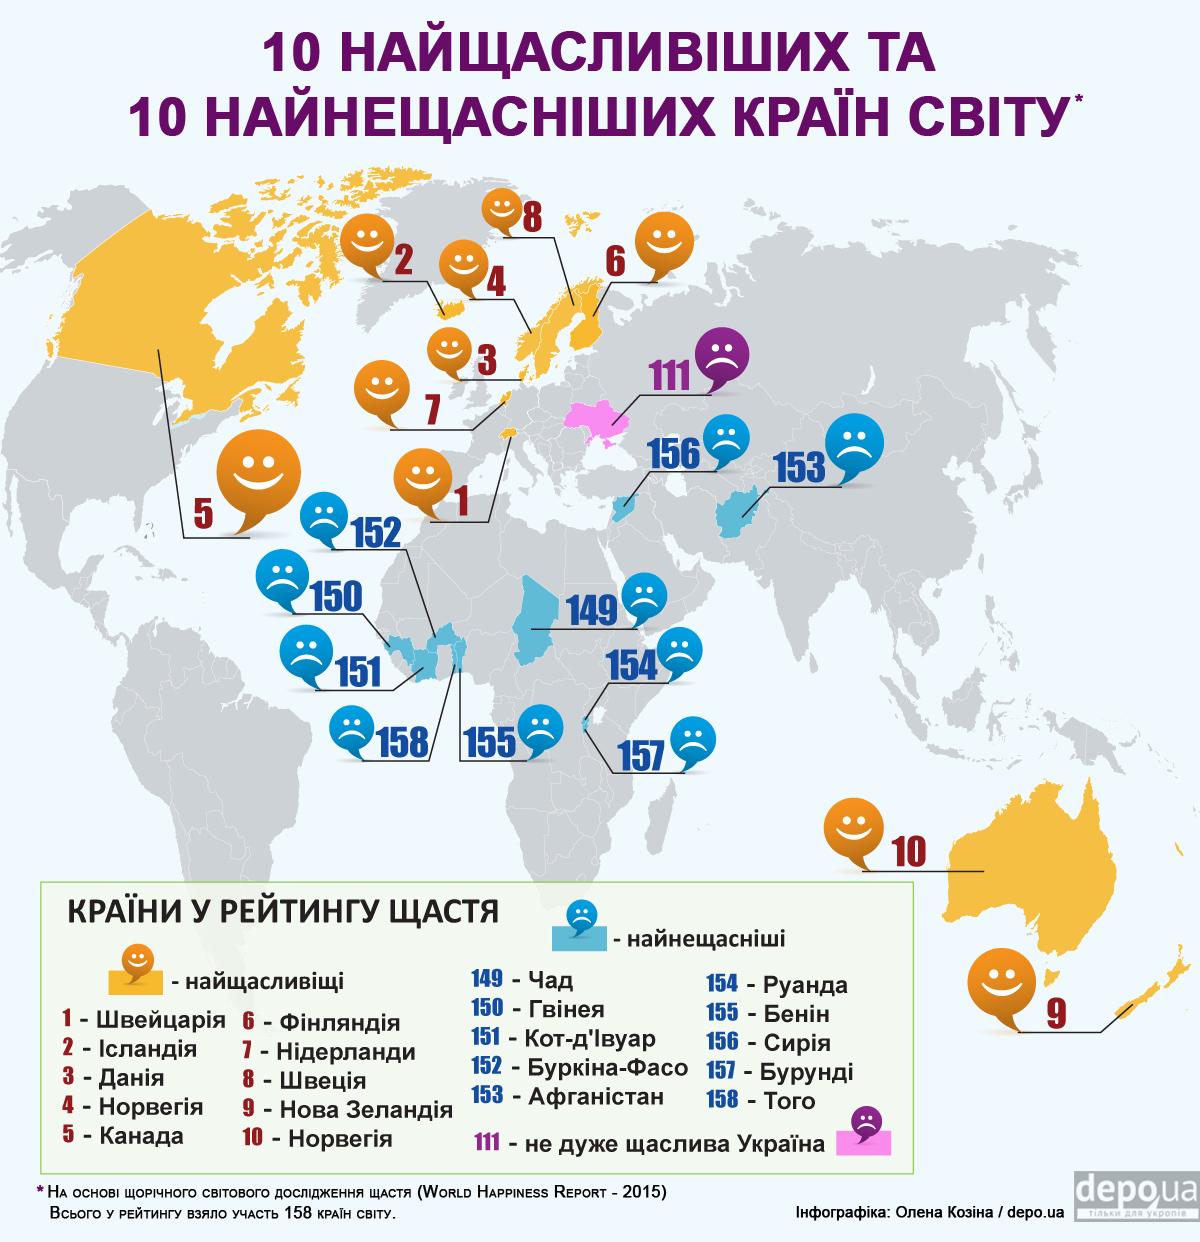 Визуализация: Самые счастливые страны мира